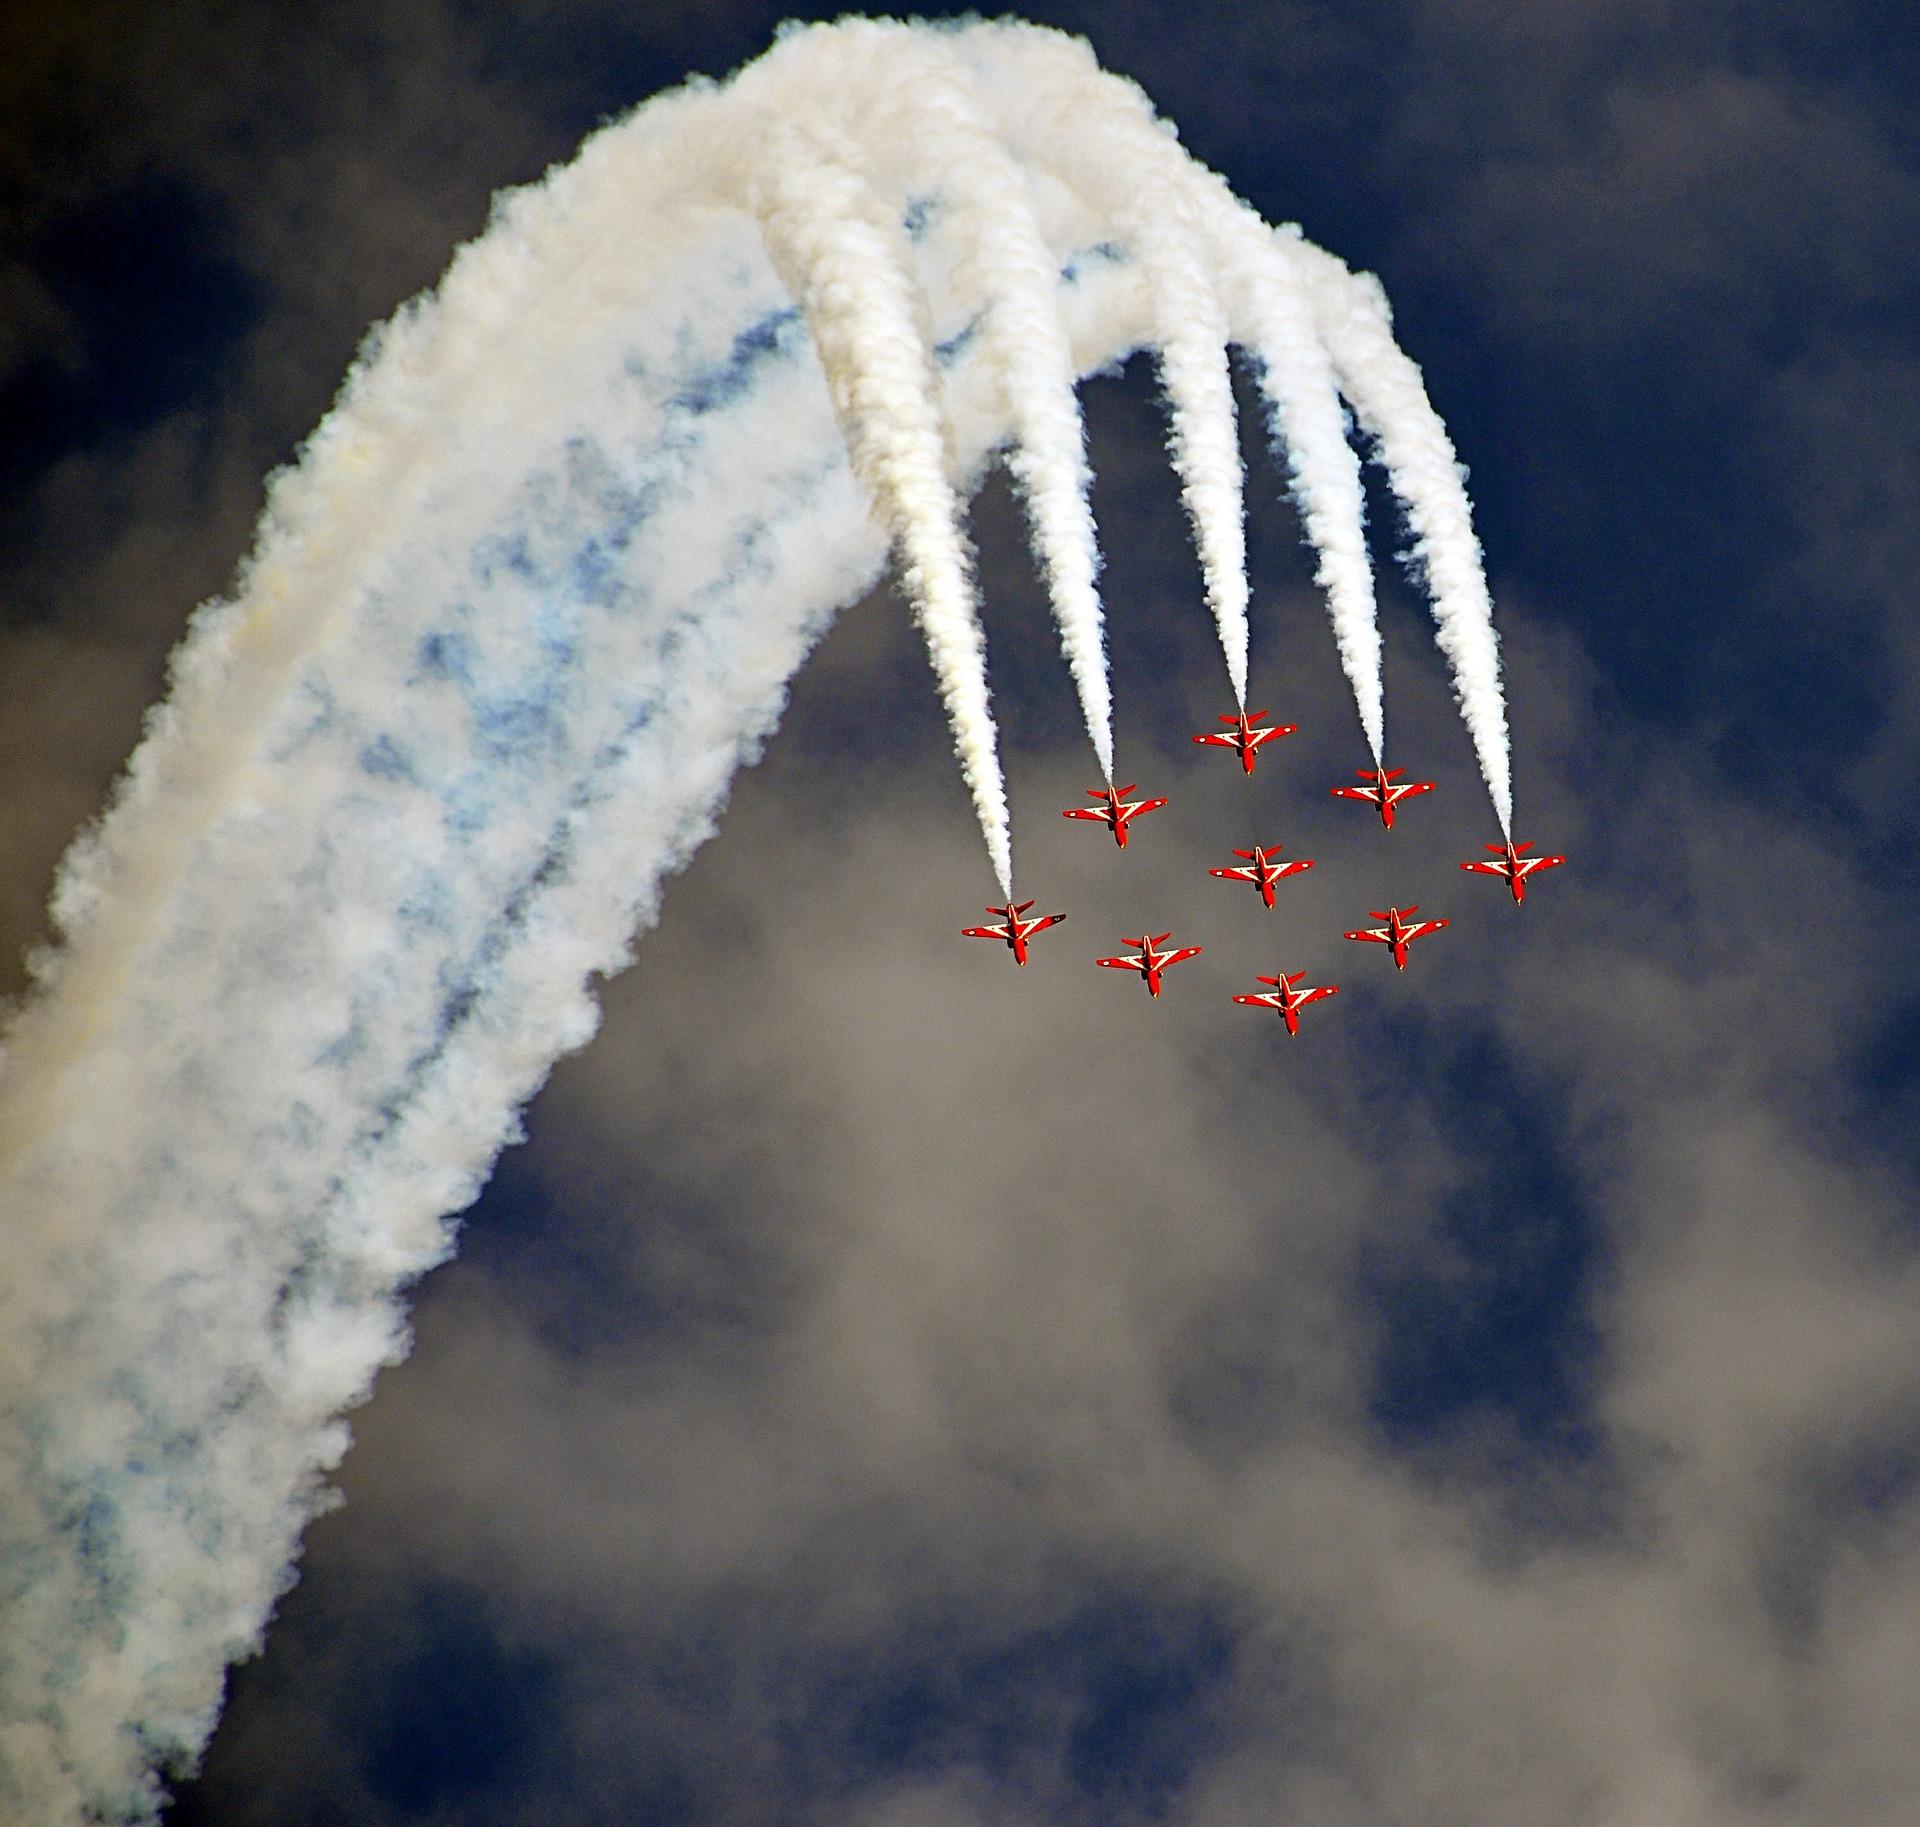 aeromobili, Visualizza, acrobazie, volare, fumo - Sfondi HD - Professor-falken.com